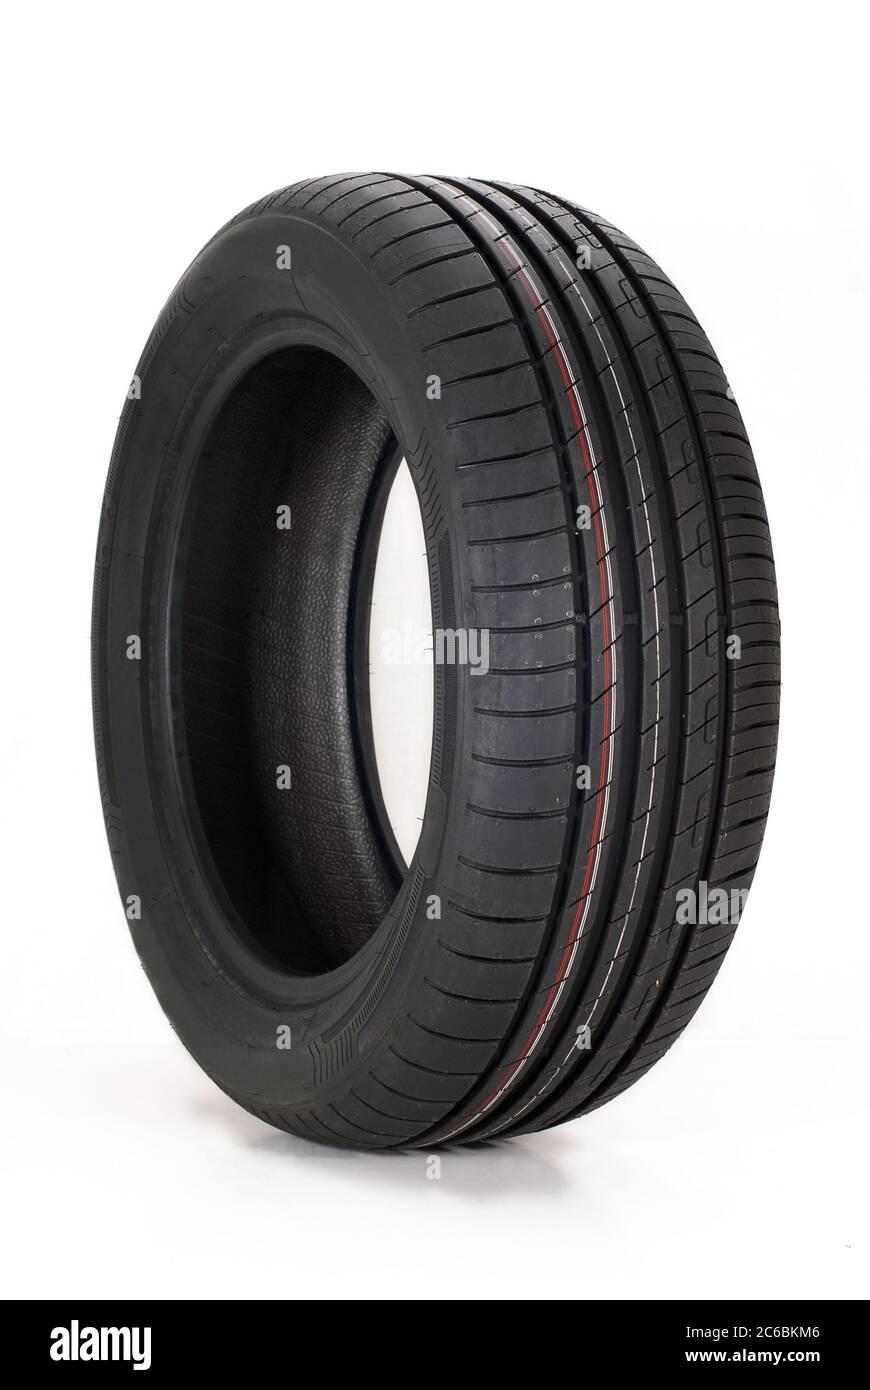 Pneu de voiture d'été, tout nouveau pneu de voiture de sport d'été moderne Banque D'Images